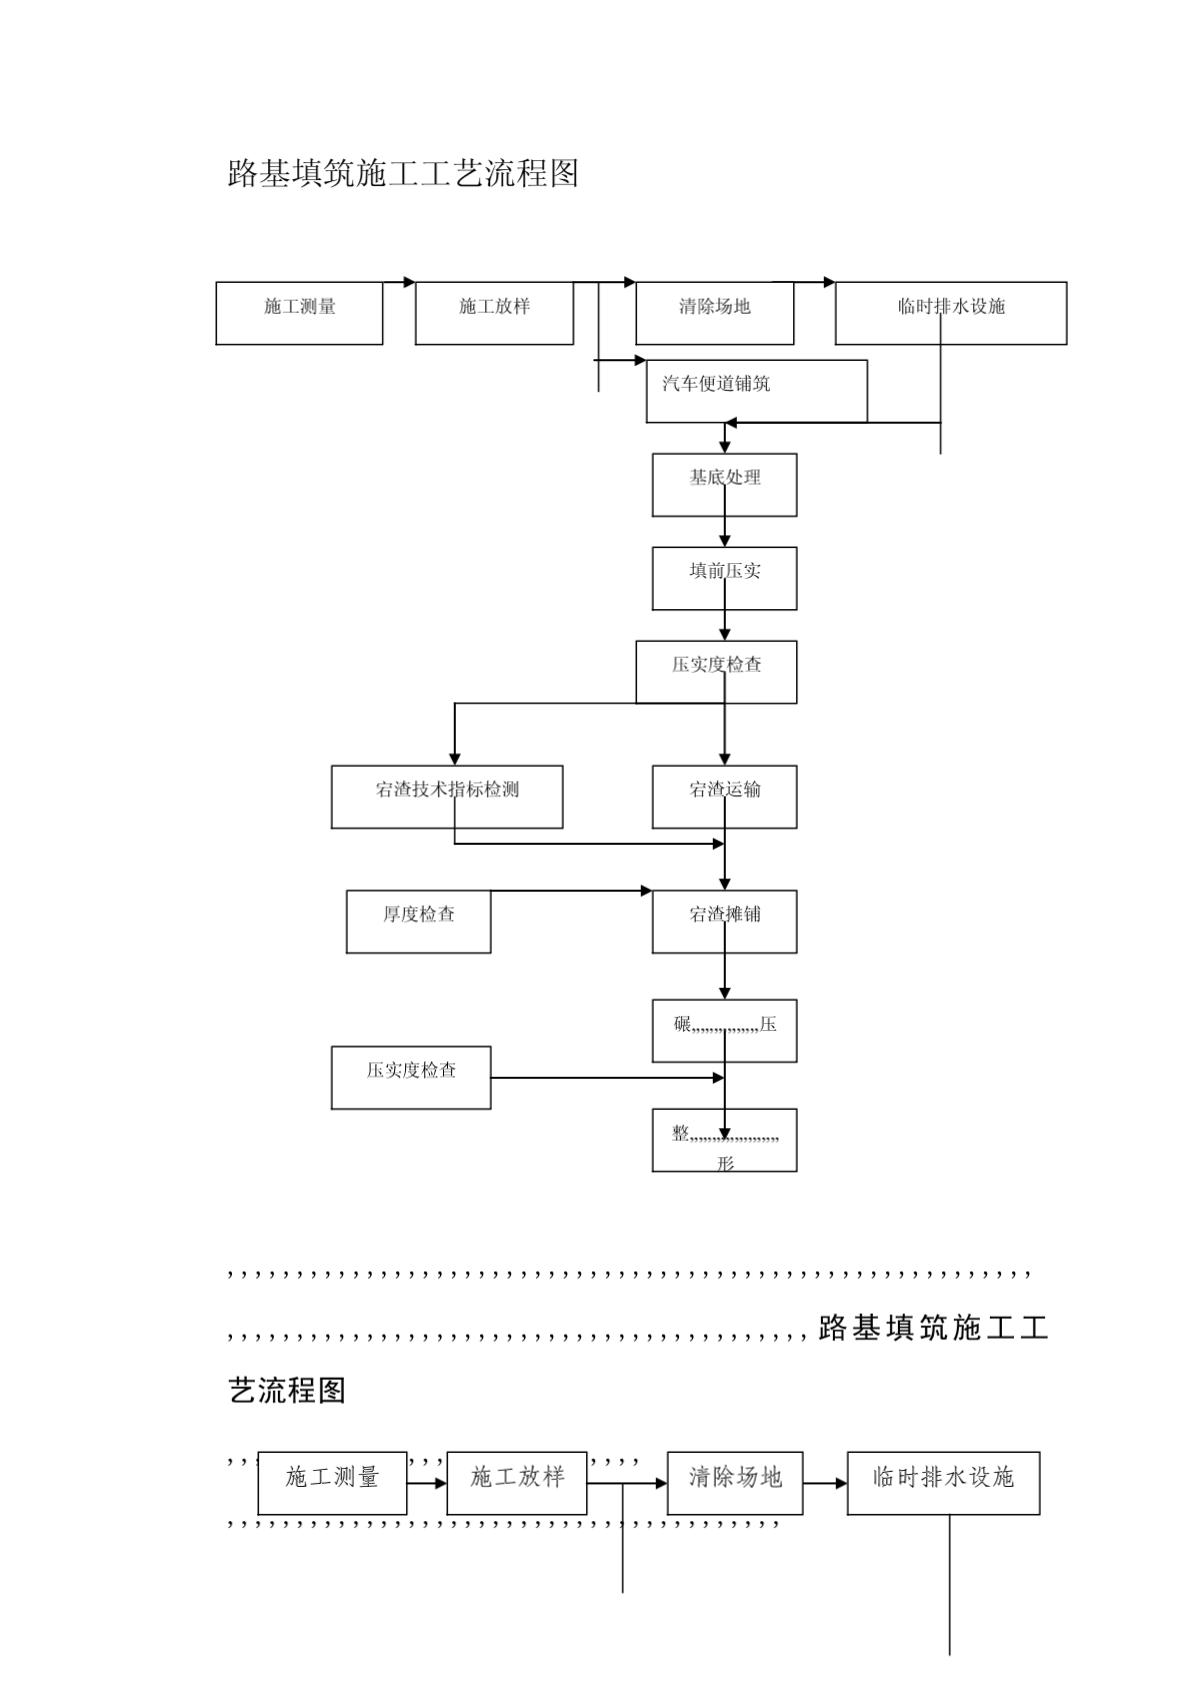 路基填筑施工工艺流程图